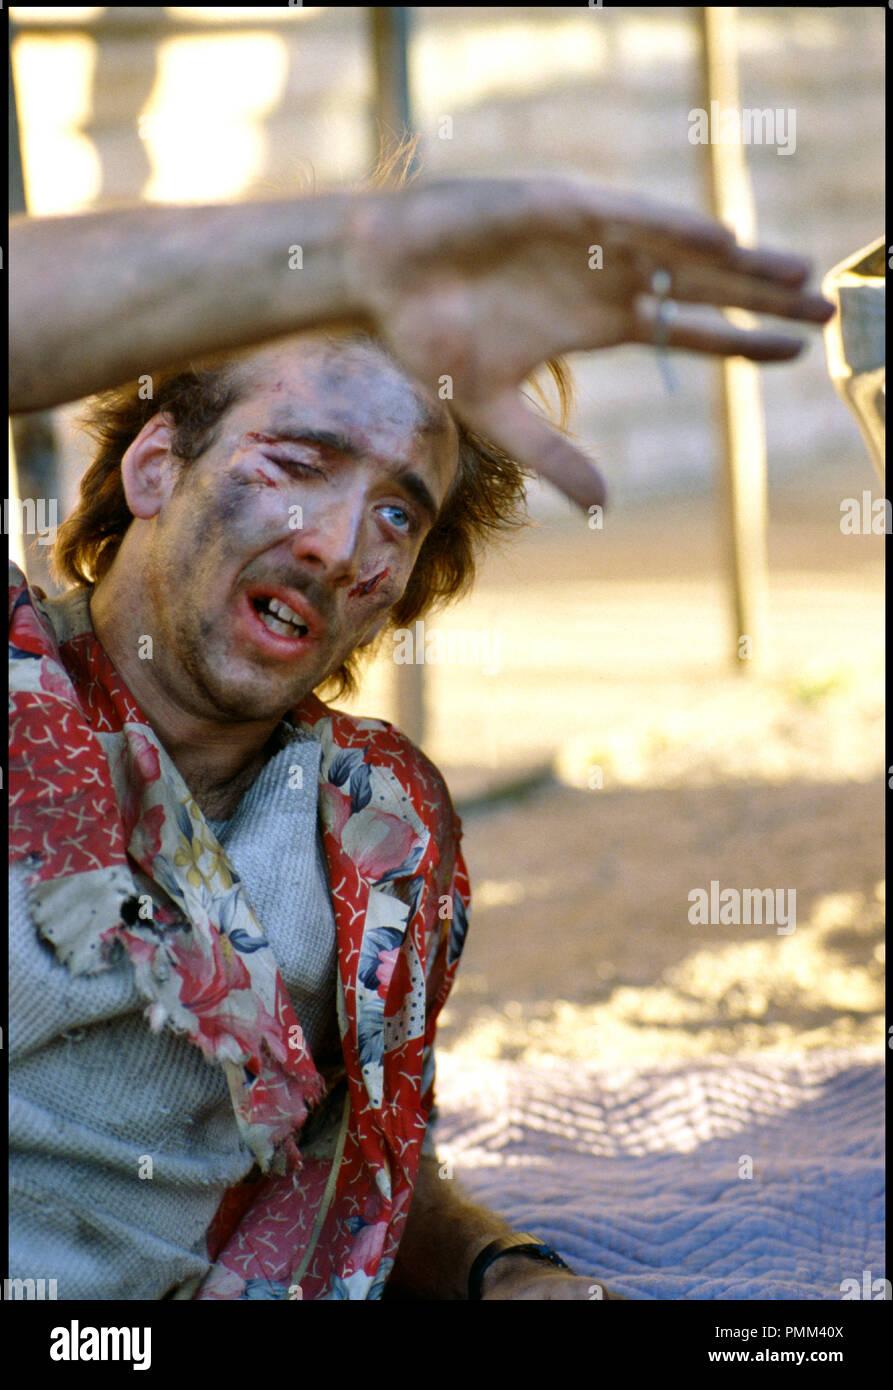 05916cac7 Nicolas Cage, Raising Arizona Stock Photos & Nicolas Cage, Raising ...